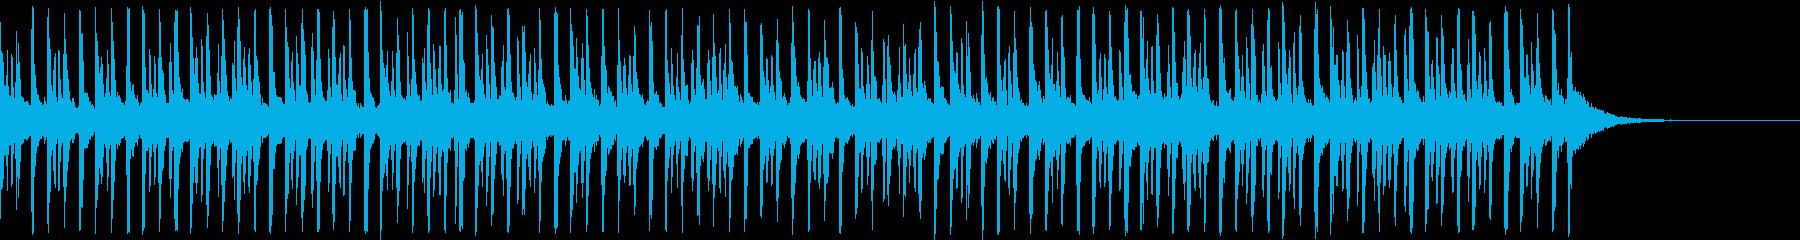 脱力系 昔のディズニー風 マヌケな海賊の再生済みの波形